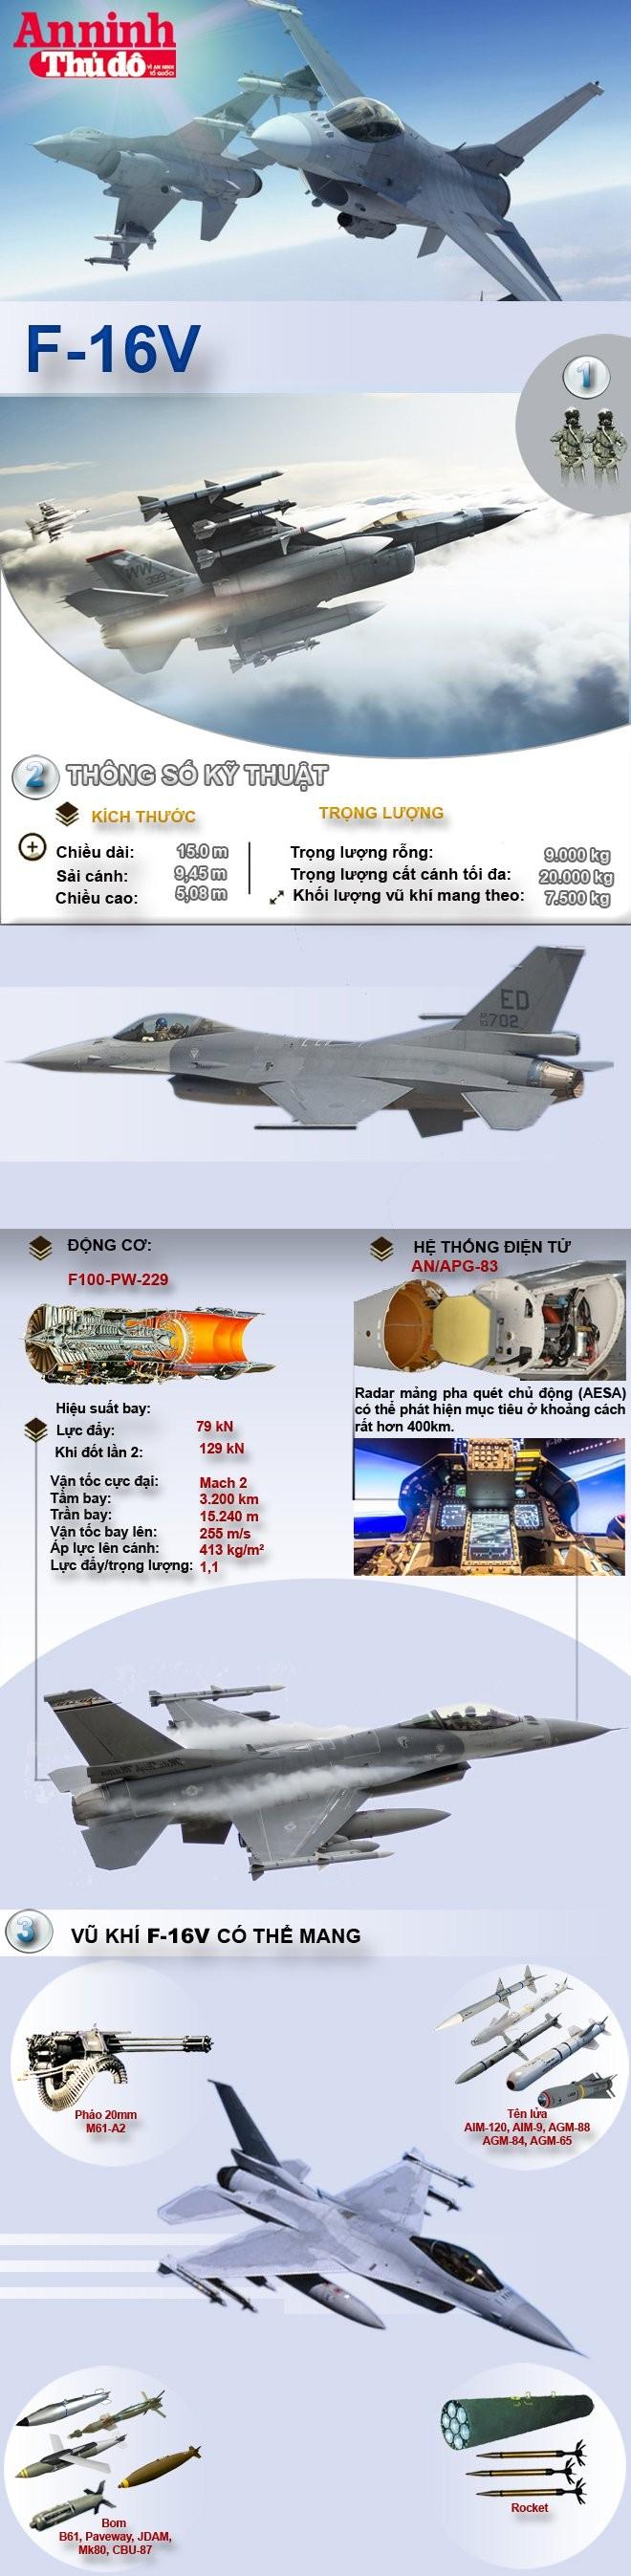 [Infographic] F-16V, phiên bản kinh hoàng nhất trong gia đình F-16 ảnh 2